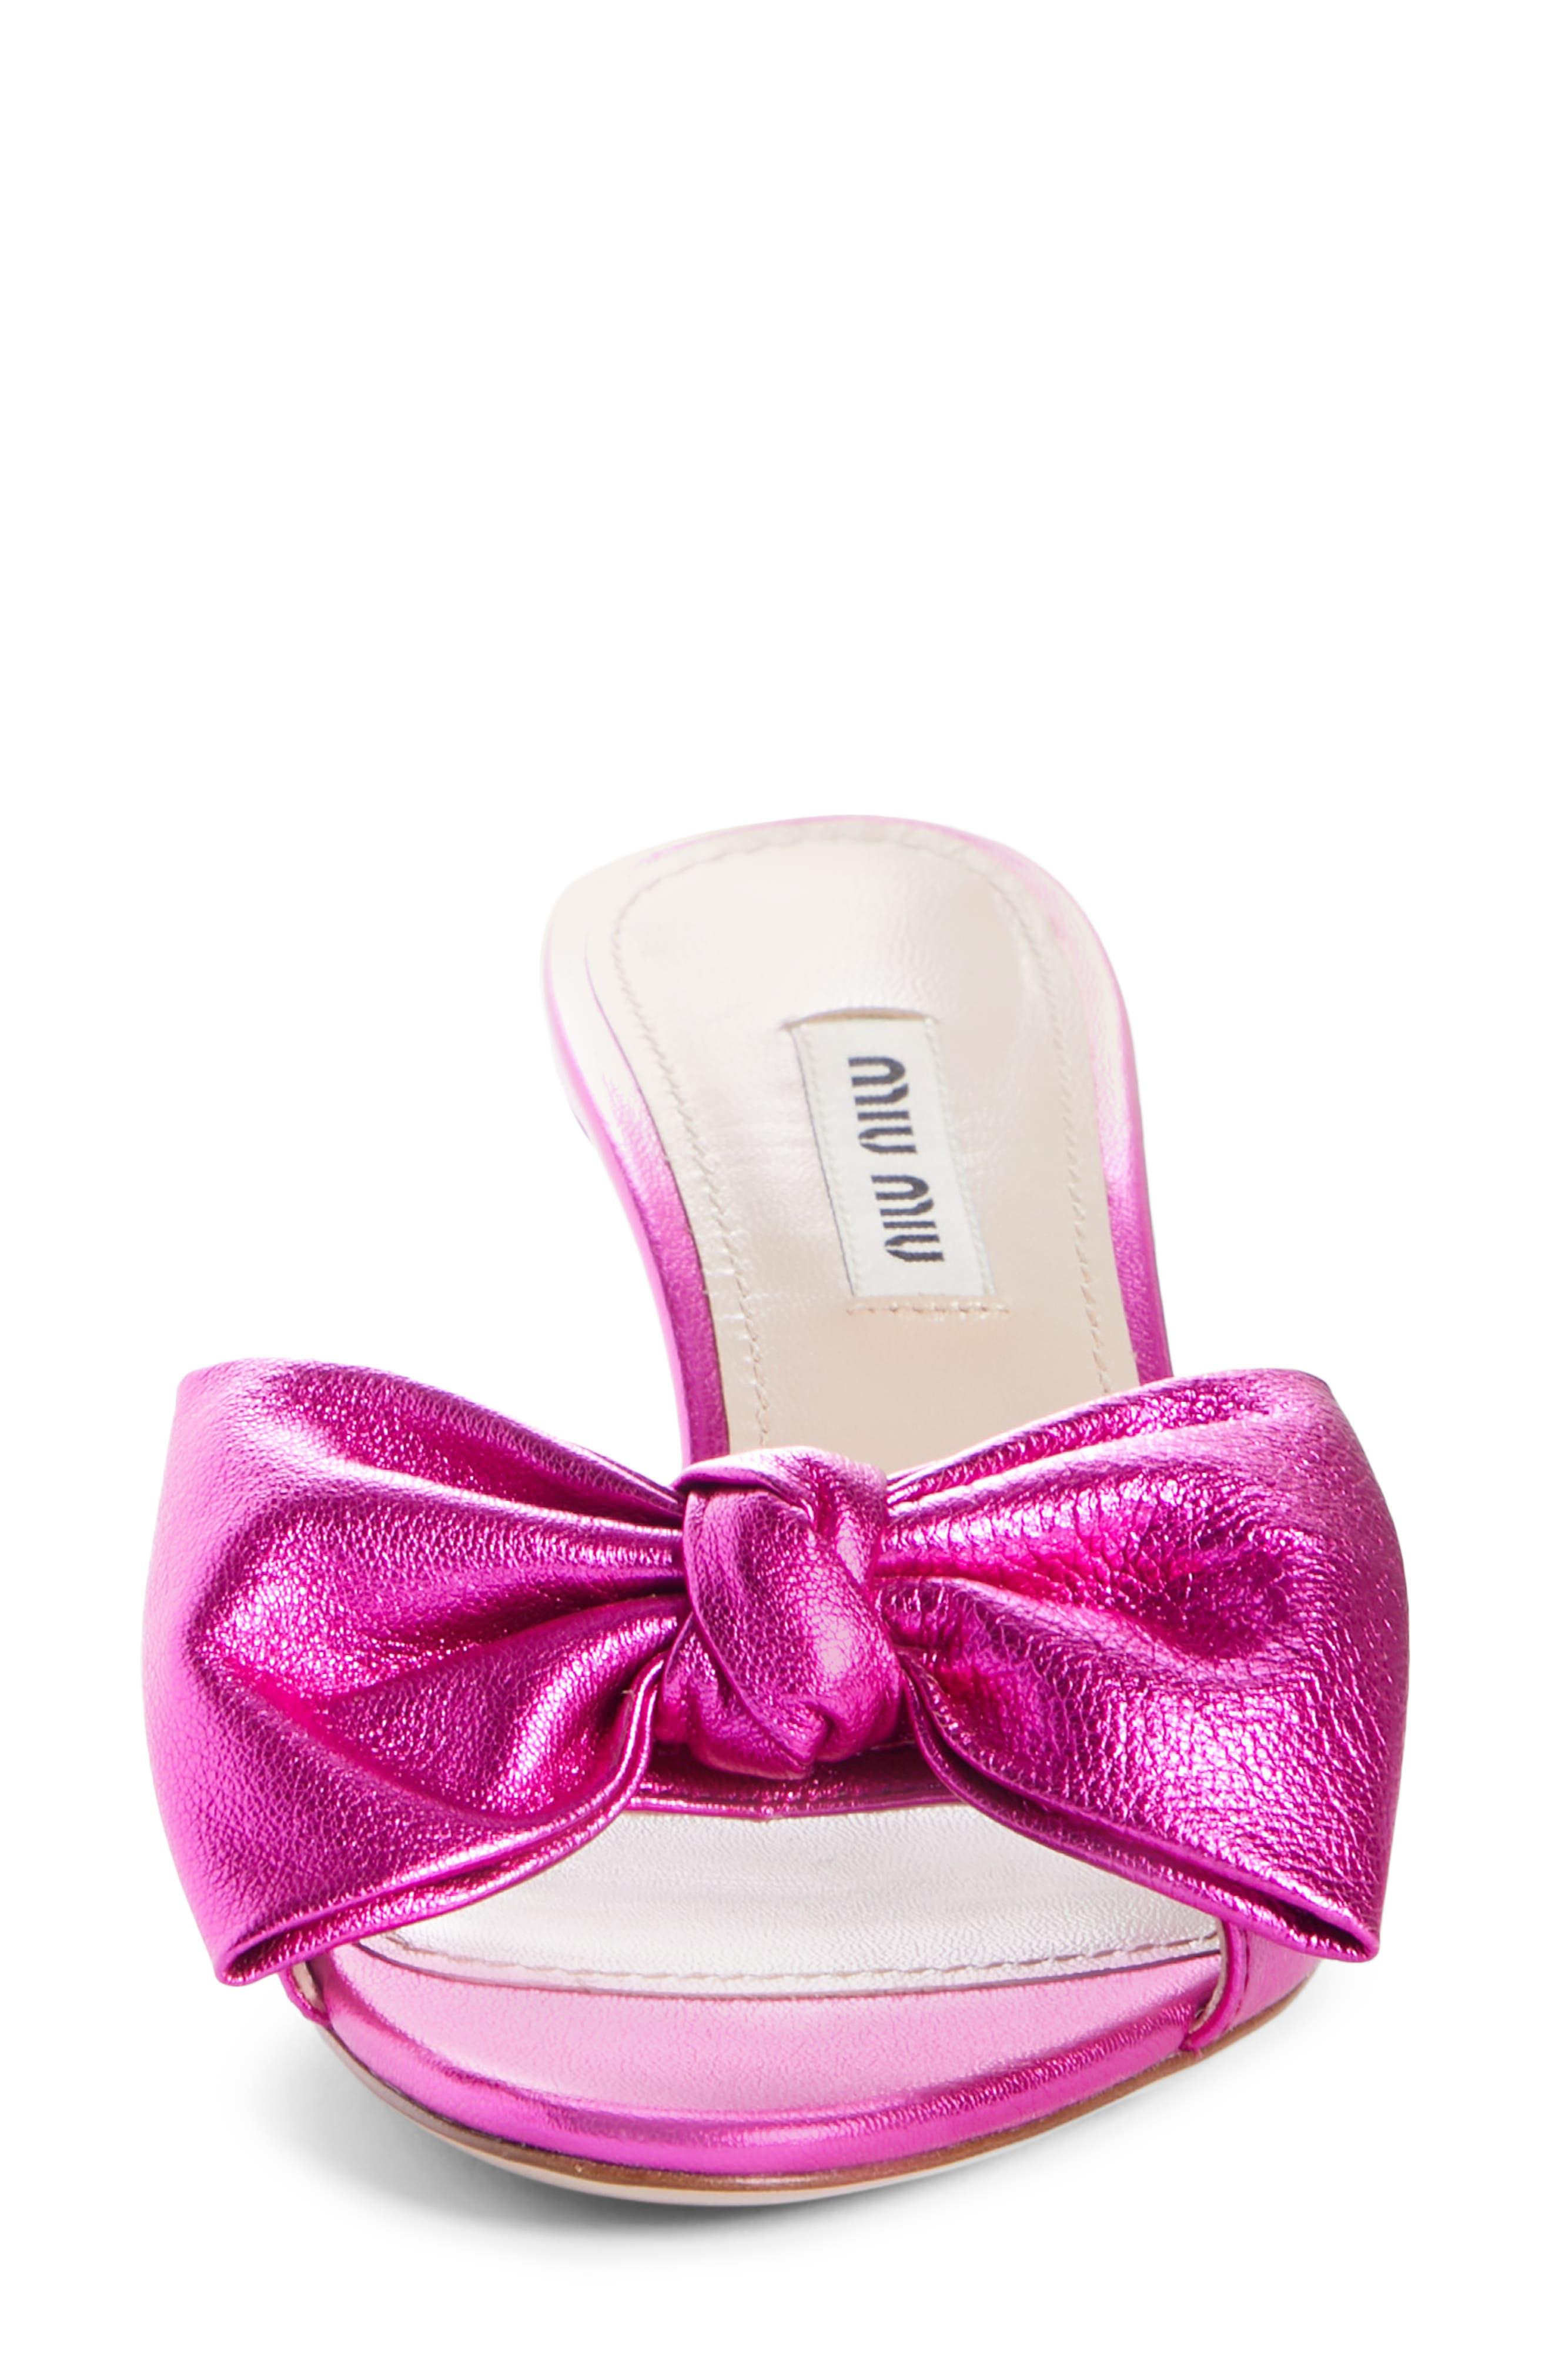 Bow Slide Sandal,                             Alternate thumbnail 4, color,                             FUCHSIA